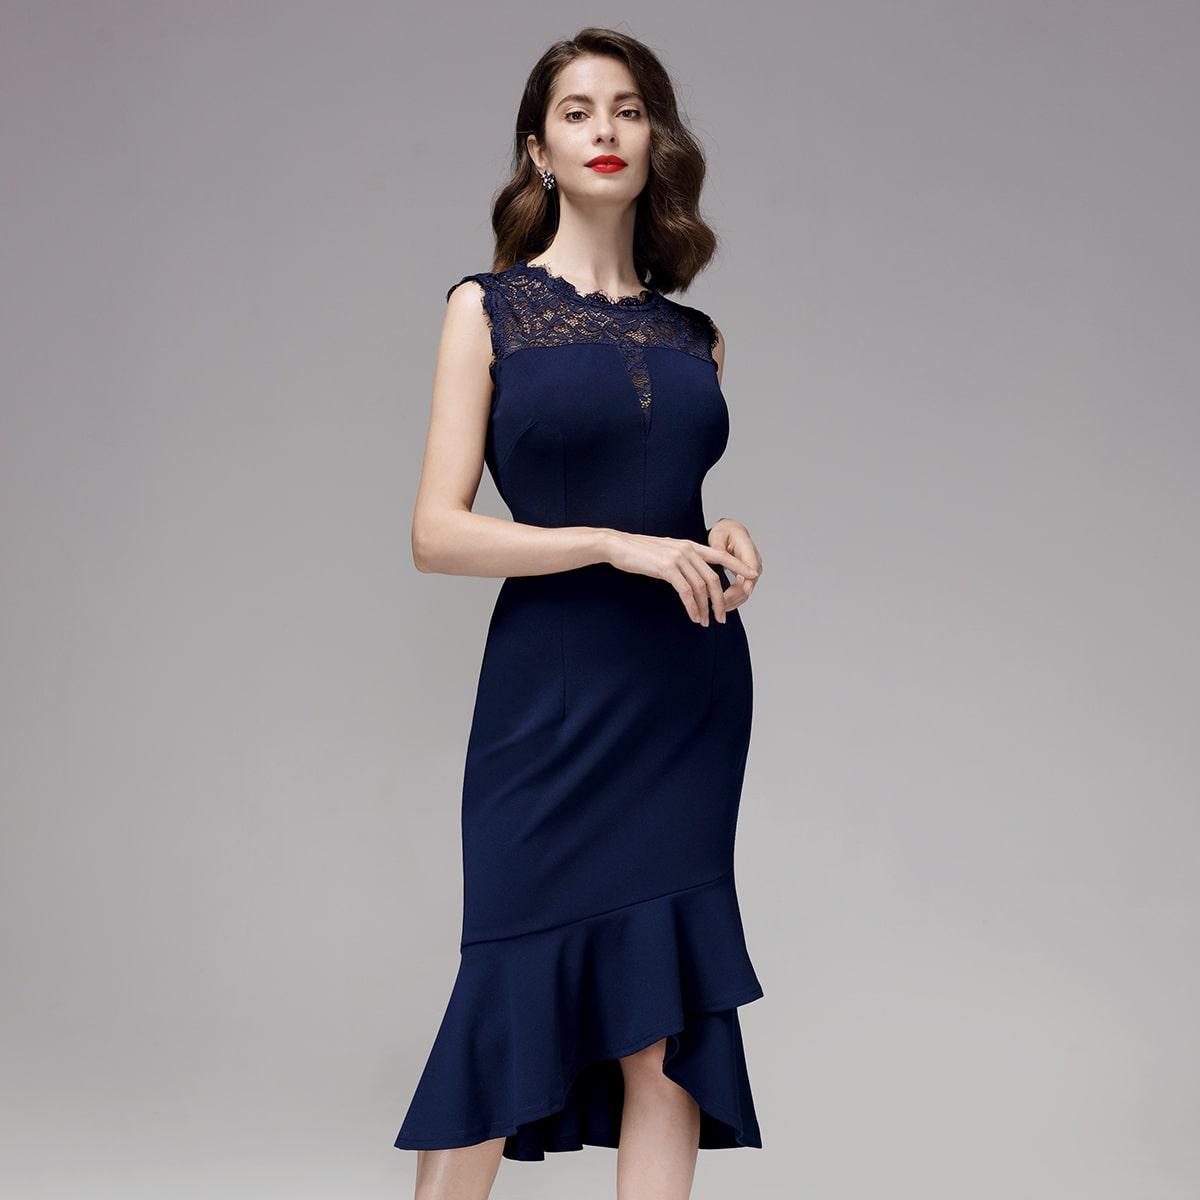 платье-русалка с молнией сзади и кружевом